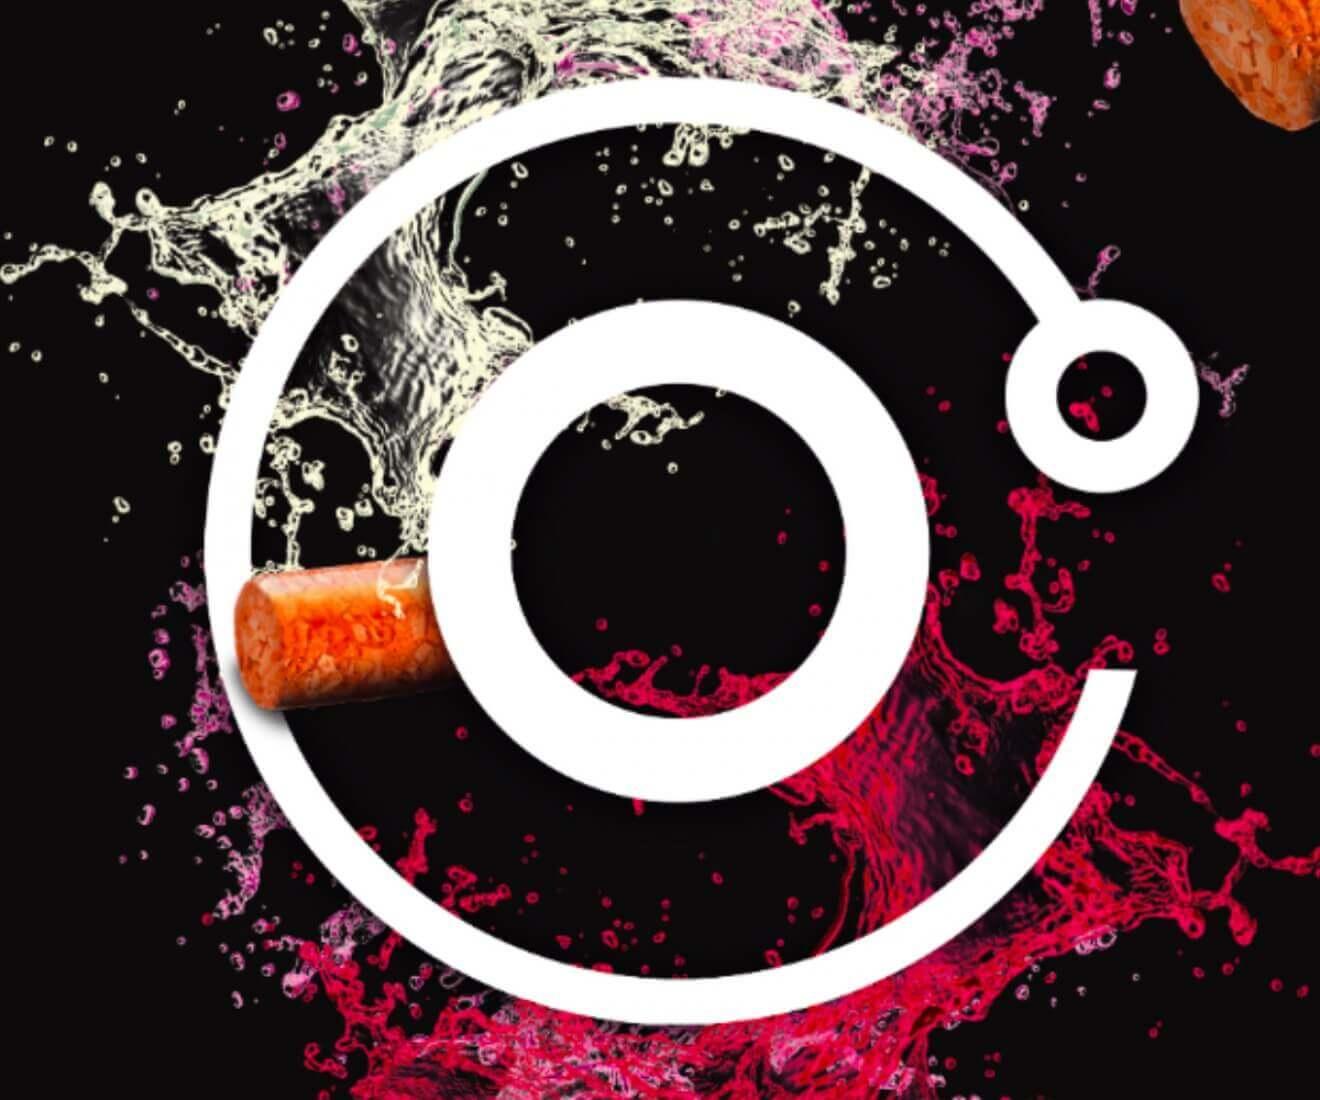 Le Cosmos lance sa nouvelle carte de vins & cocktails